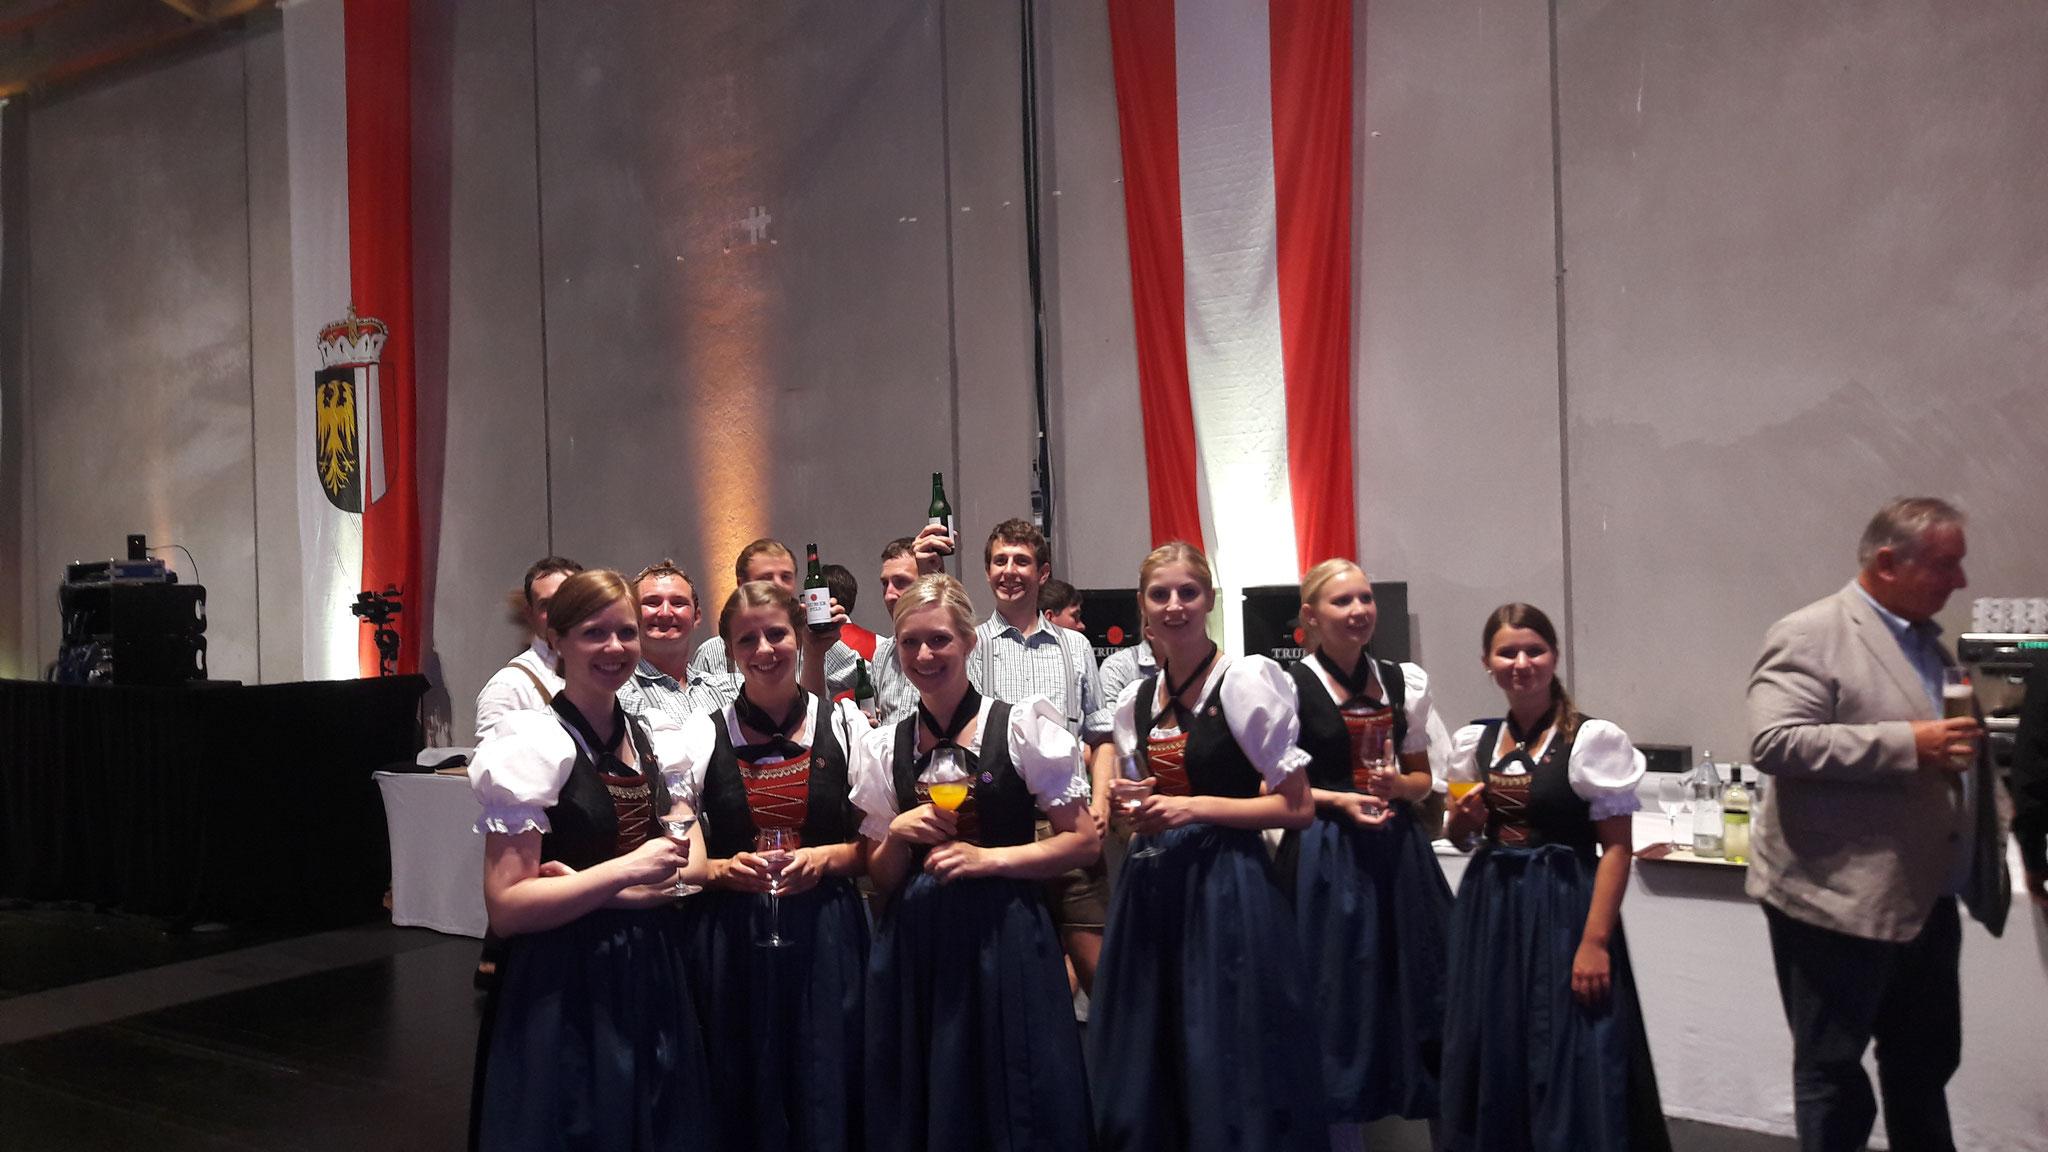 Galaabend des österreichischen Gemeindebundes